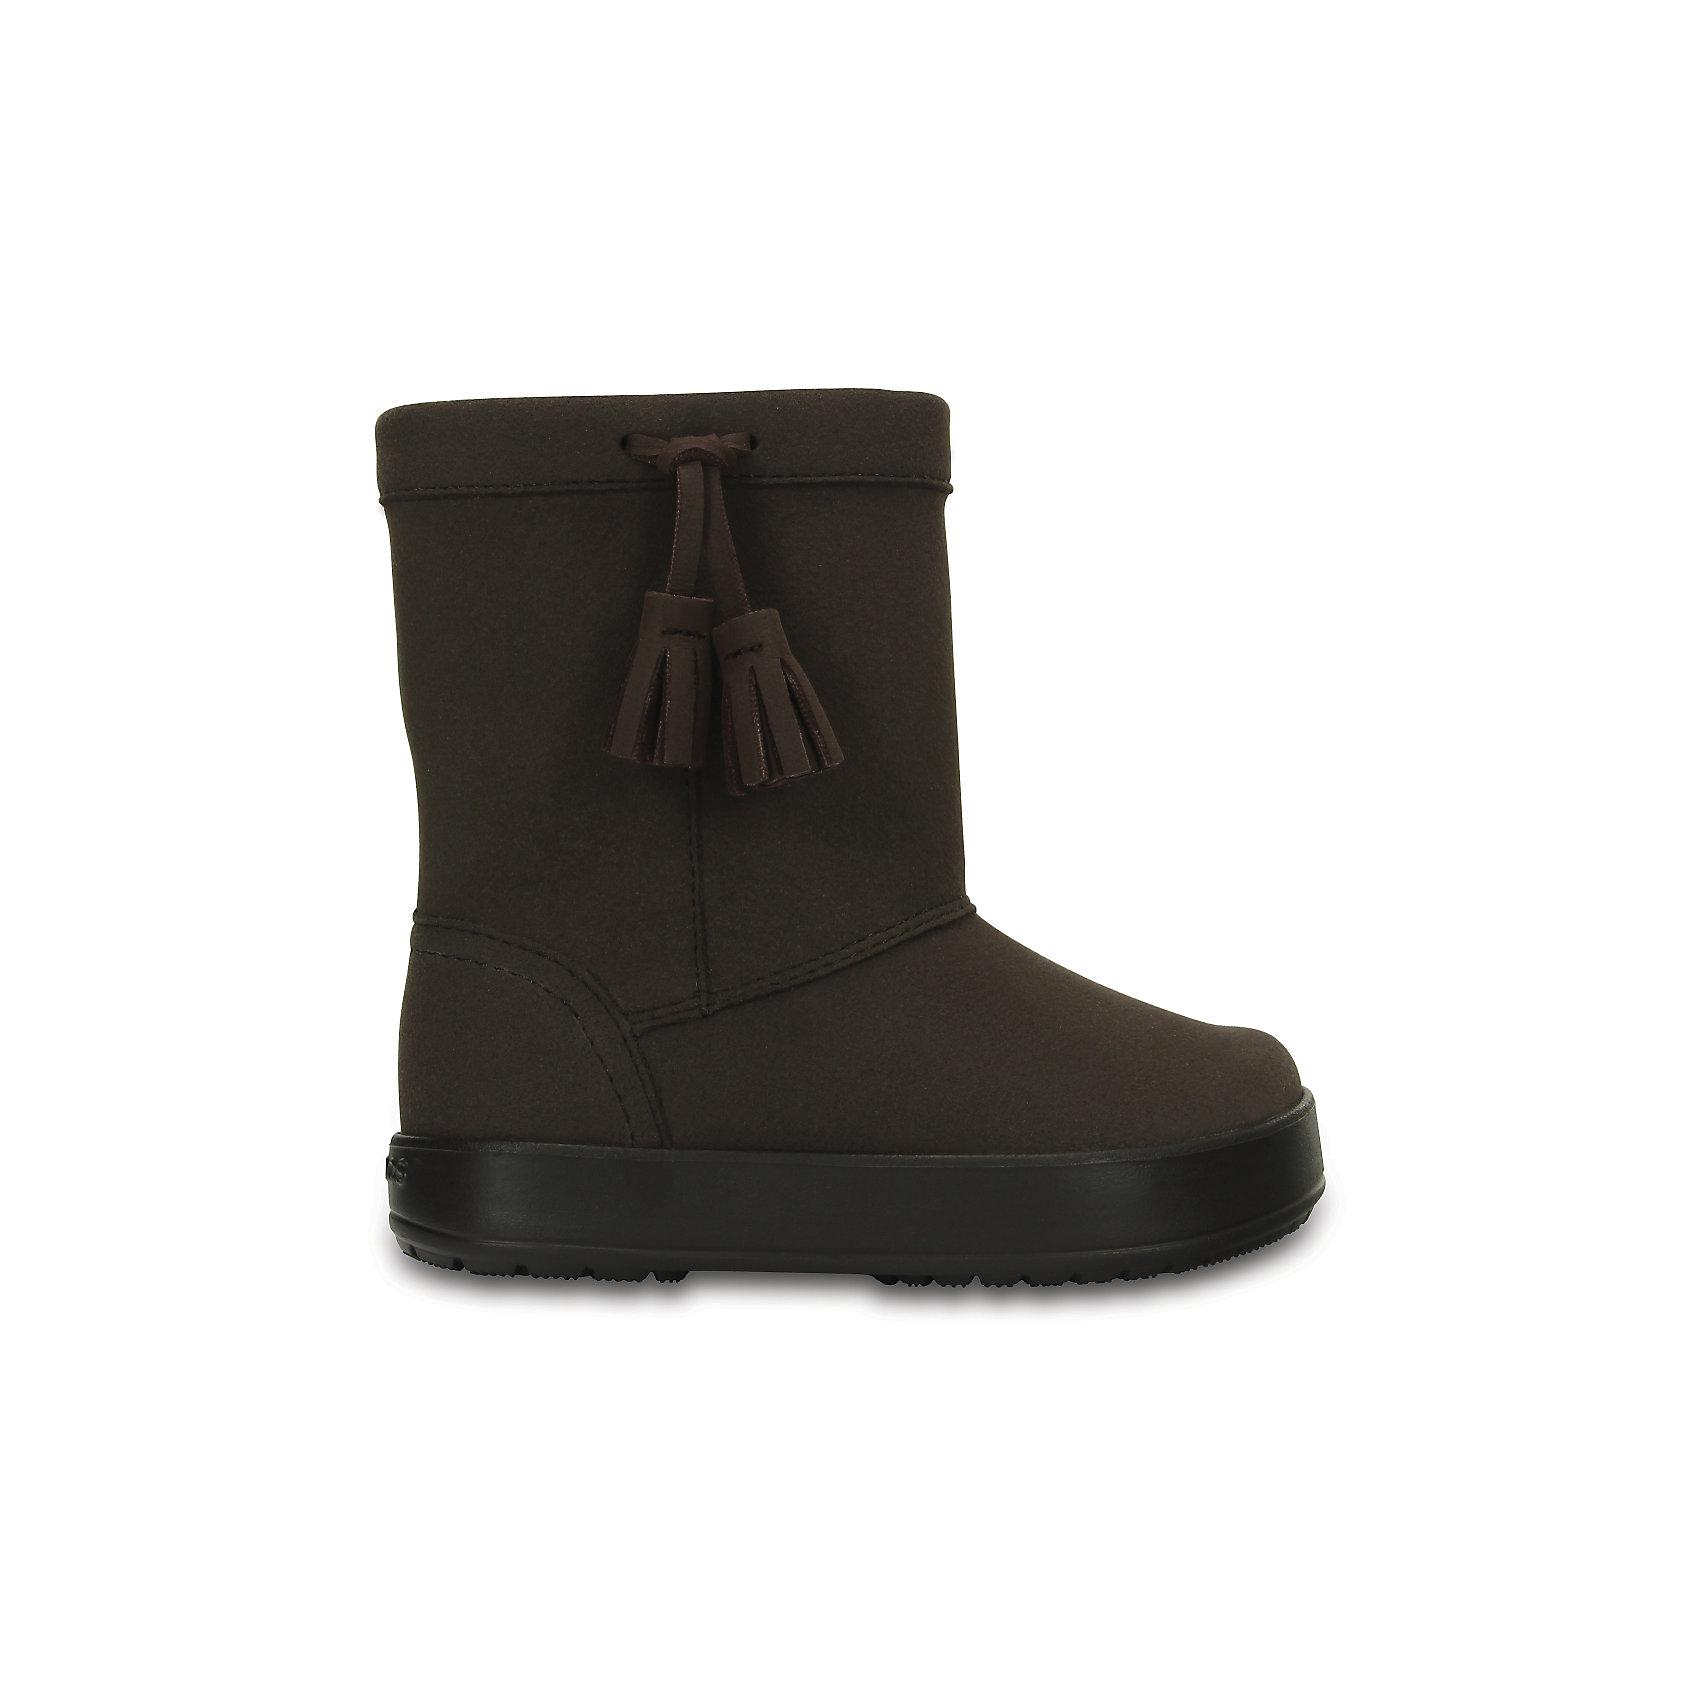 Сапоги Kids' LodgePoint Boot для девочки CROCSСапоги<br>Характеристики товара:<br><br>• цвет: коричневый<br>• материал: верх - искусственная замша, низ - термопластик<br>• материал подкладки: текстиль<br>• температурный режим: от -10° до +10° С<br>• антискользящая подошва<br>• толстая устойчивая подошва<br>• страна бренда: США<br>• страна изготовитель: Китай<br><br>Сапоги могут быть и стильными, и теплыми! Для детской обуви крайне важно, чтобы она была удобной. Такие сапоги обеспечивают детям необходимый комфорт, а теплая подкладка создает особый микроклимат. Сапоги легко надеваются и снимаются, отлично сидят на ноге. Модель очень легкая и устойчивая.<br>Обувь от американского бренда Crocs в данный момент завоевала широкую популярность во всем мире, и это не удивительно - ведь она невероятно удобна. Её носят врачи, спортсмены, звёзды шоу-бизнеса, люди, которым много времени приходится бывать на ногах - они понимают, как важна комфортная обувь. Продукция Crocs - это качественные товары, созданные с применением новейших технологий. Обувь отличается стильным дизайном и продуманной конструкцией. Изделие производится из качественных и проверенных материалов, которые безопасны для детей.<br><br>Сапоги для девочки от торговой марки Crocs можно купить в нашем интернет-магазине.<br><br>Ширина мм: 257<br>Глубина мм: 180<br>Высота мм: 130<br>Вес г: 420<br>Цвет: коричневый<br>Возраст от месяцев: 48<br>Возраст до месяцев: 60<br>Пол: Женский<br>Возраст: Детский<br>Размер: 28,34/35,27,29,30,23,24,25,26,31/32,33/34<br>SKU: 5027433